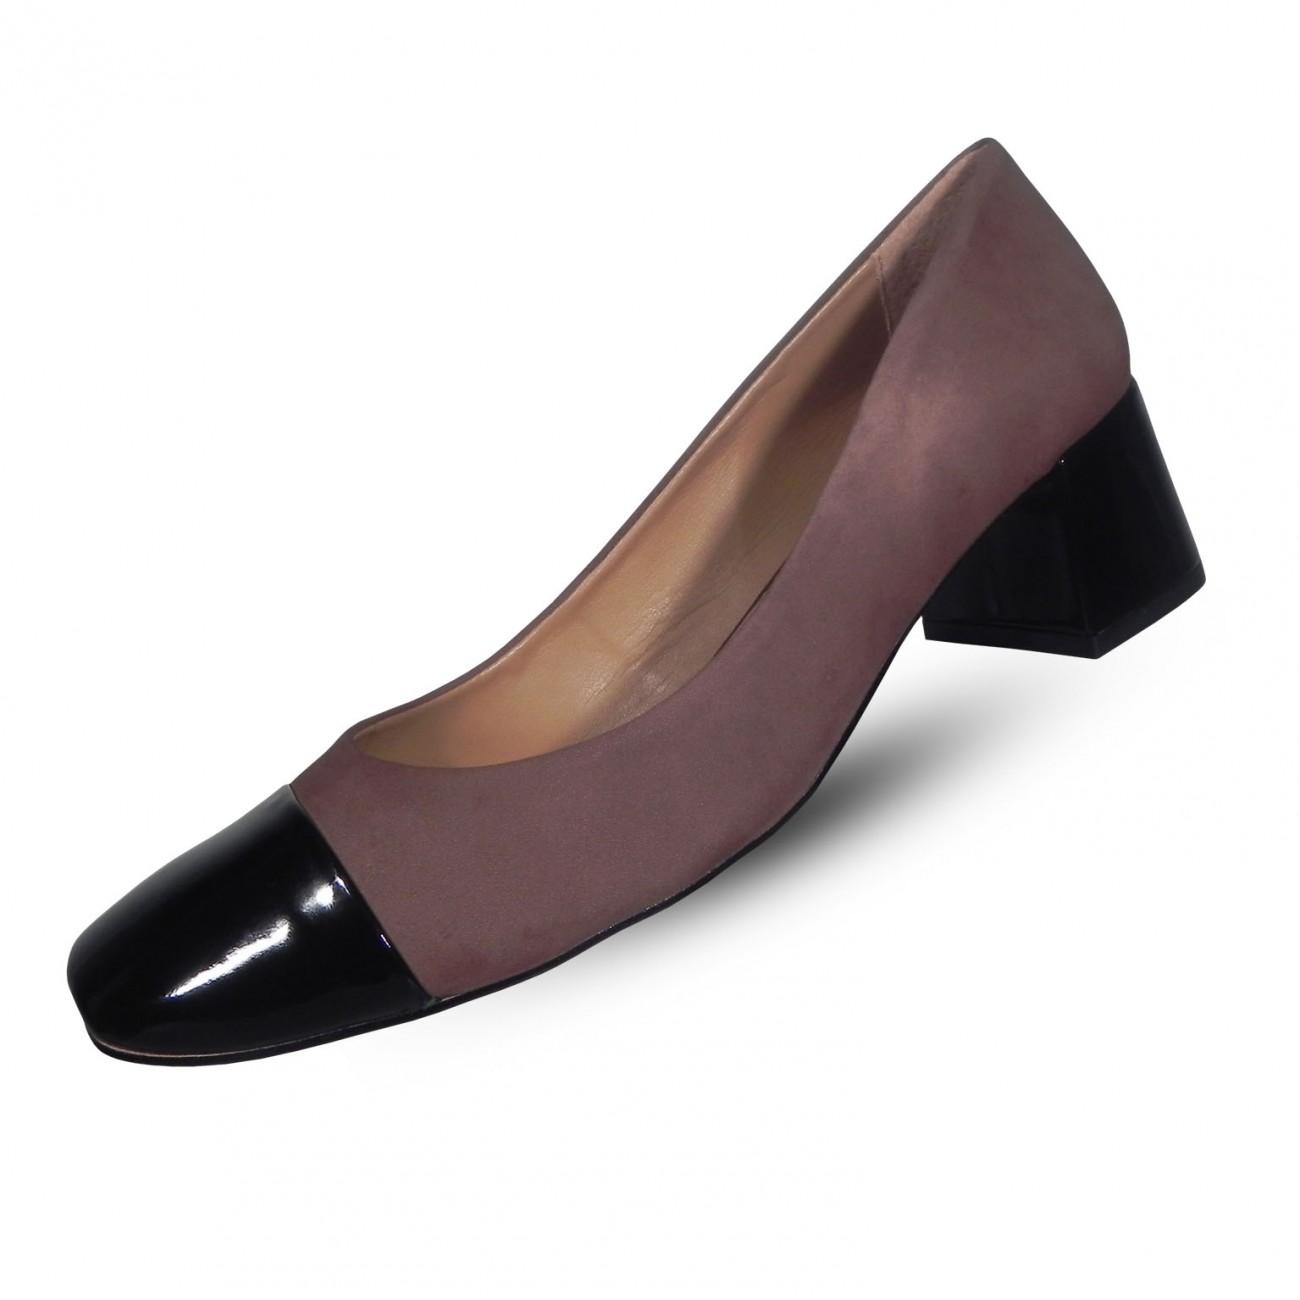 a6616f1a8 Sapato Feminino em Couro Nobuck Tabita - Cor Marrom e Preto - Pole Modas